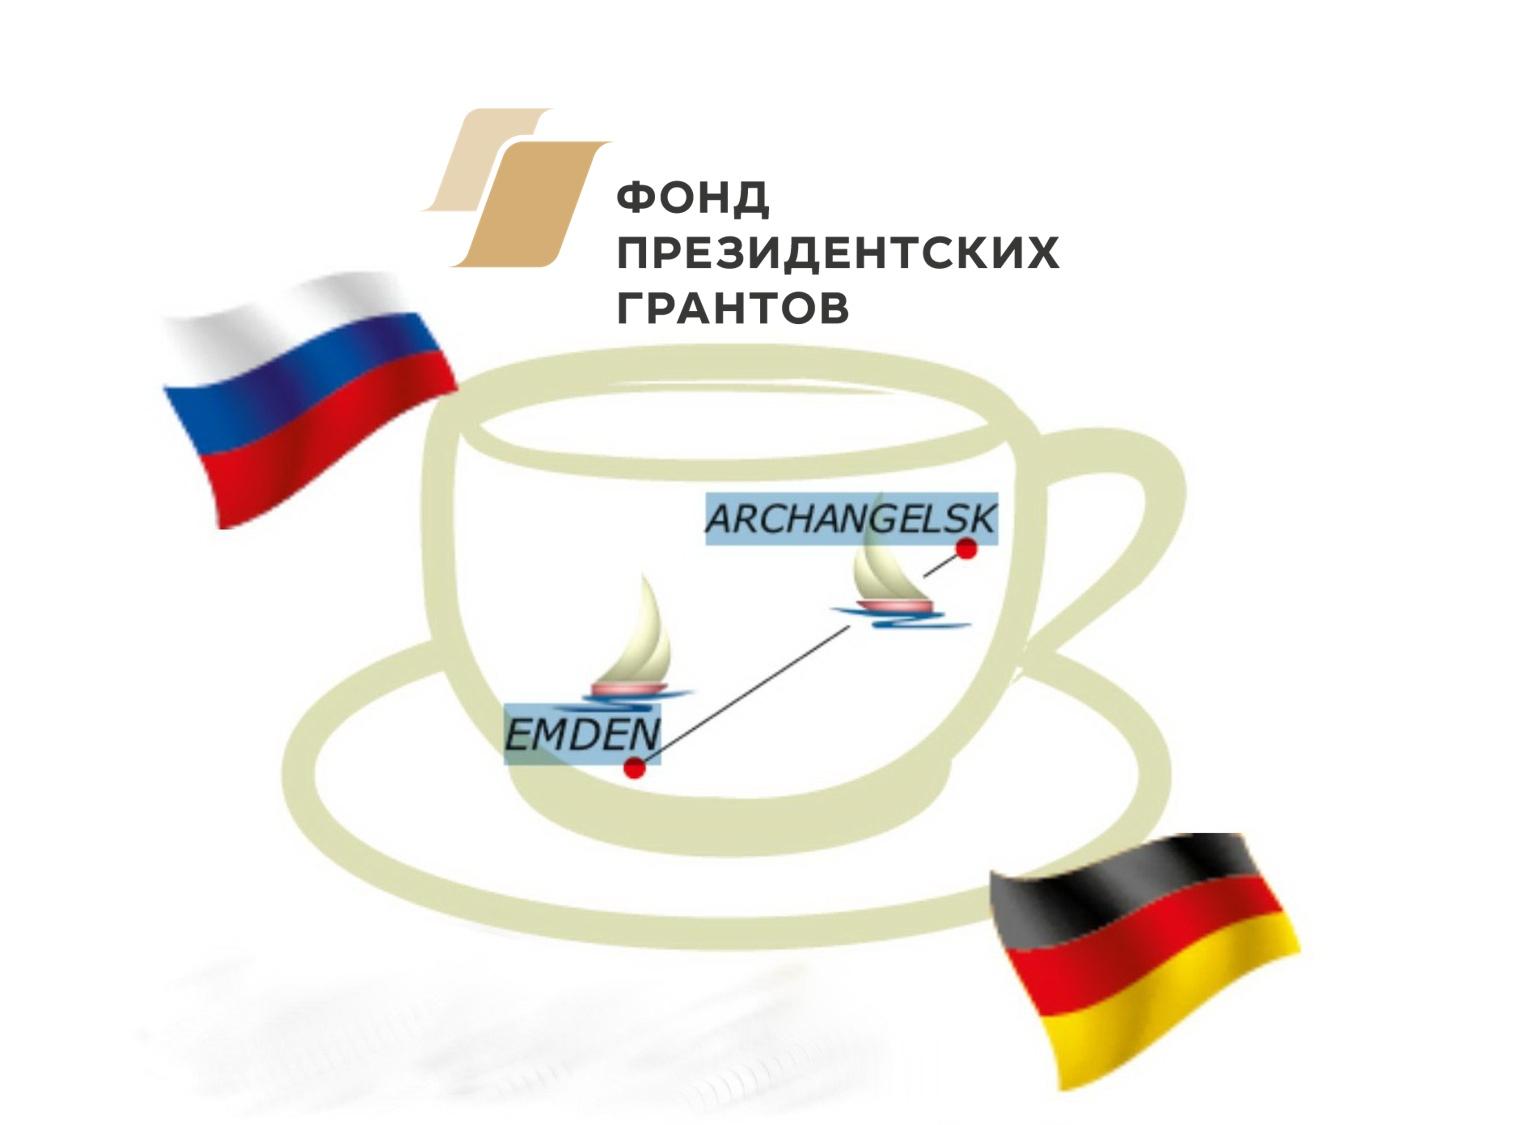 Обращение от наших партнеров из г.Эмдена (ФРГ) и других немецкий общественных организа